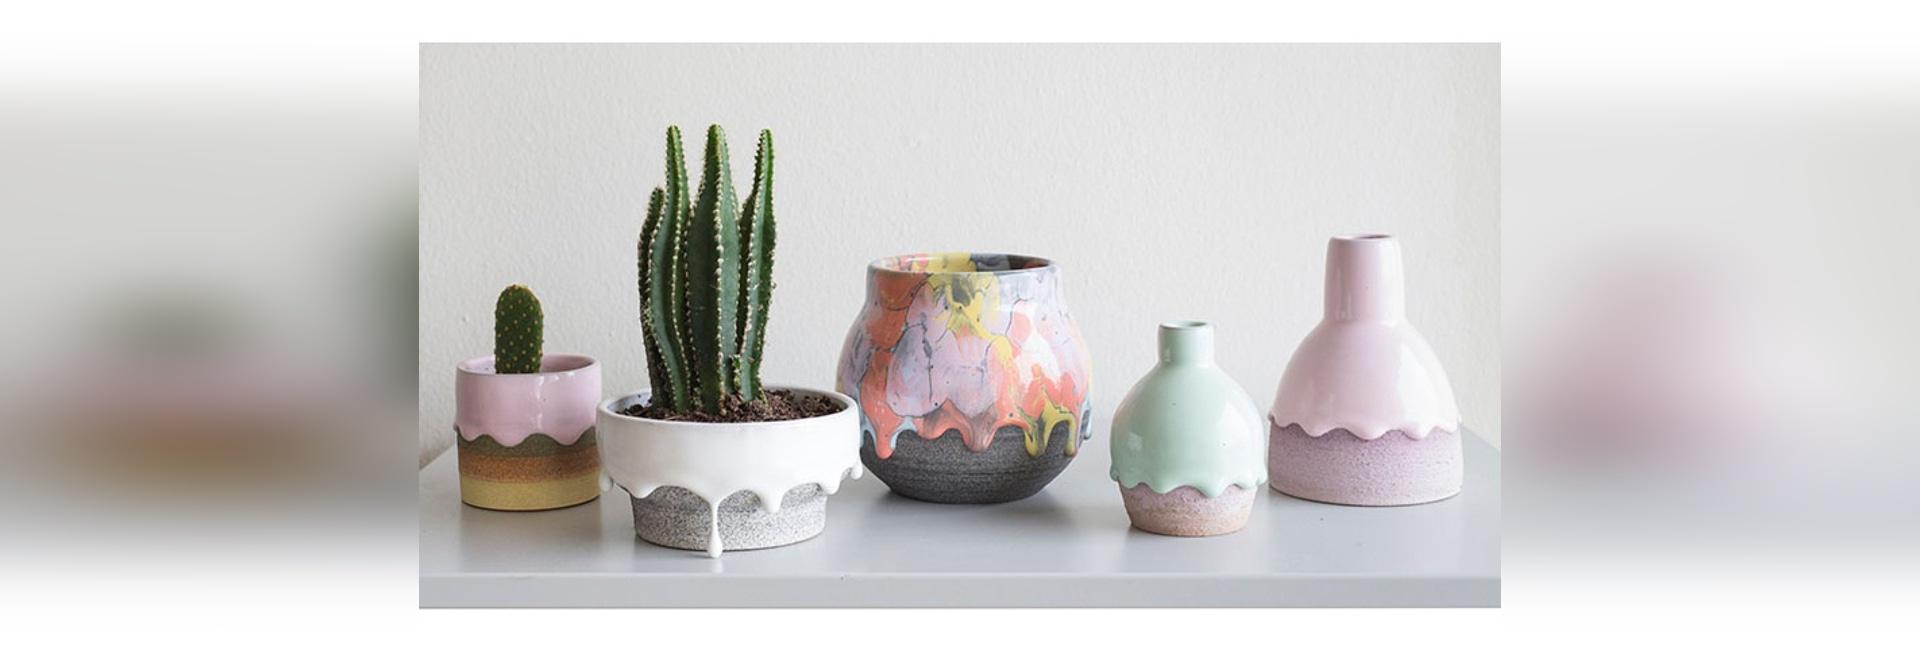 Sammlung Brian Giniewski Ceramics Has Createds A Regenbogen-Tropfenfänger-Schiffe